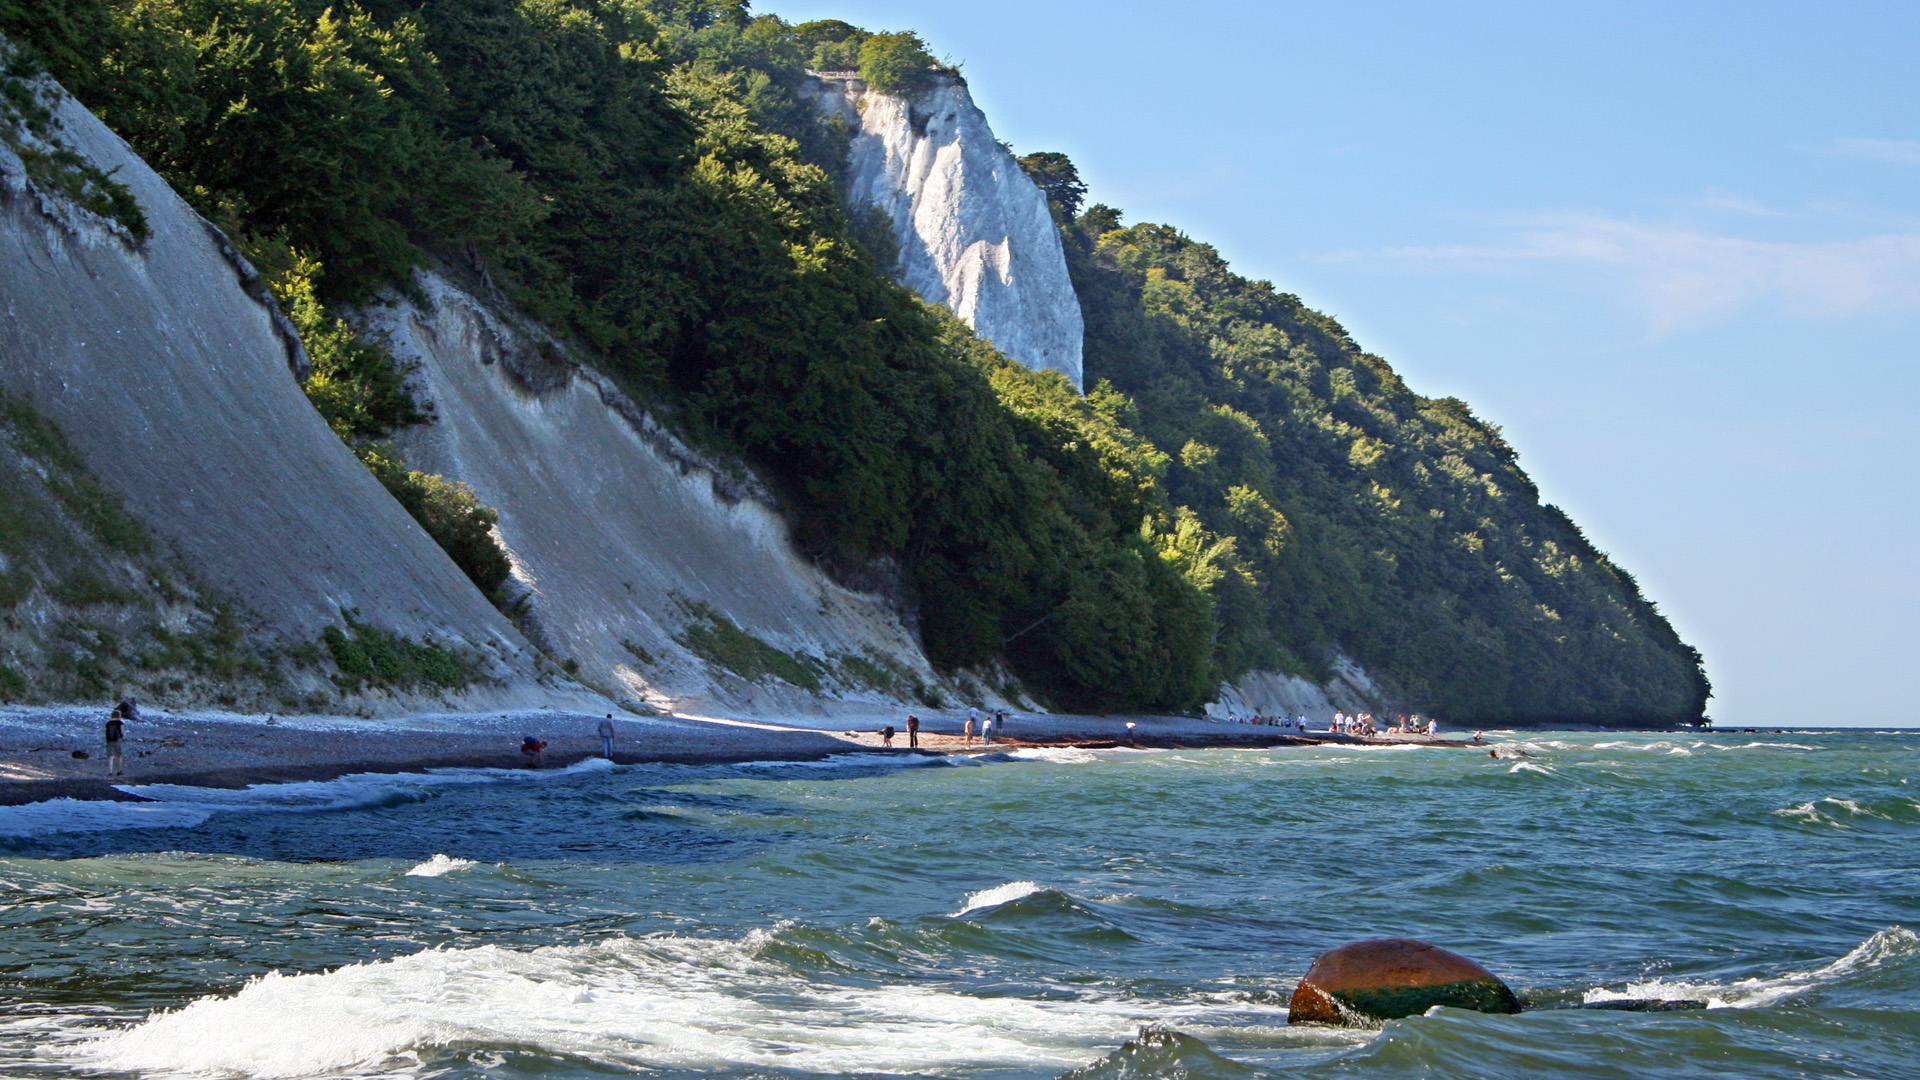 Kleinster Nationalpark Deutschlands: Die Küste der Insel Rügen. Dahinter stehen Buchenwälder, die UNESCO Weltnaturerbe sind: Die wertvolle Natur, die der WWF in Deutschland schützt, ist natürlich auch sehenswert als Ausflugstipp und Reiseziel.